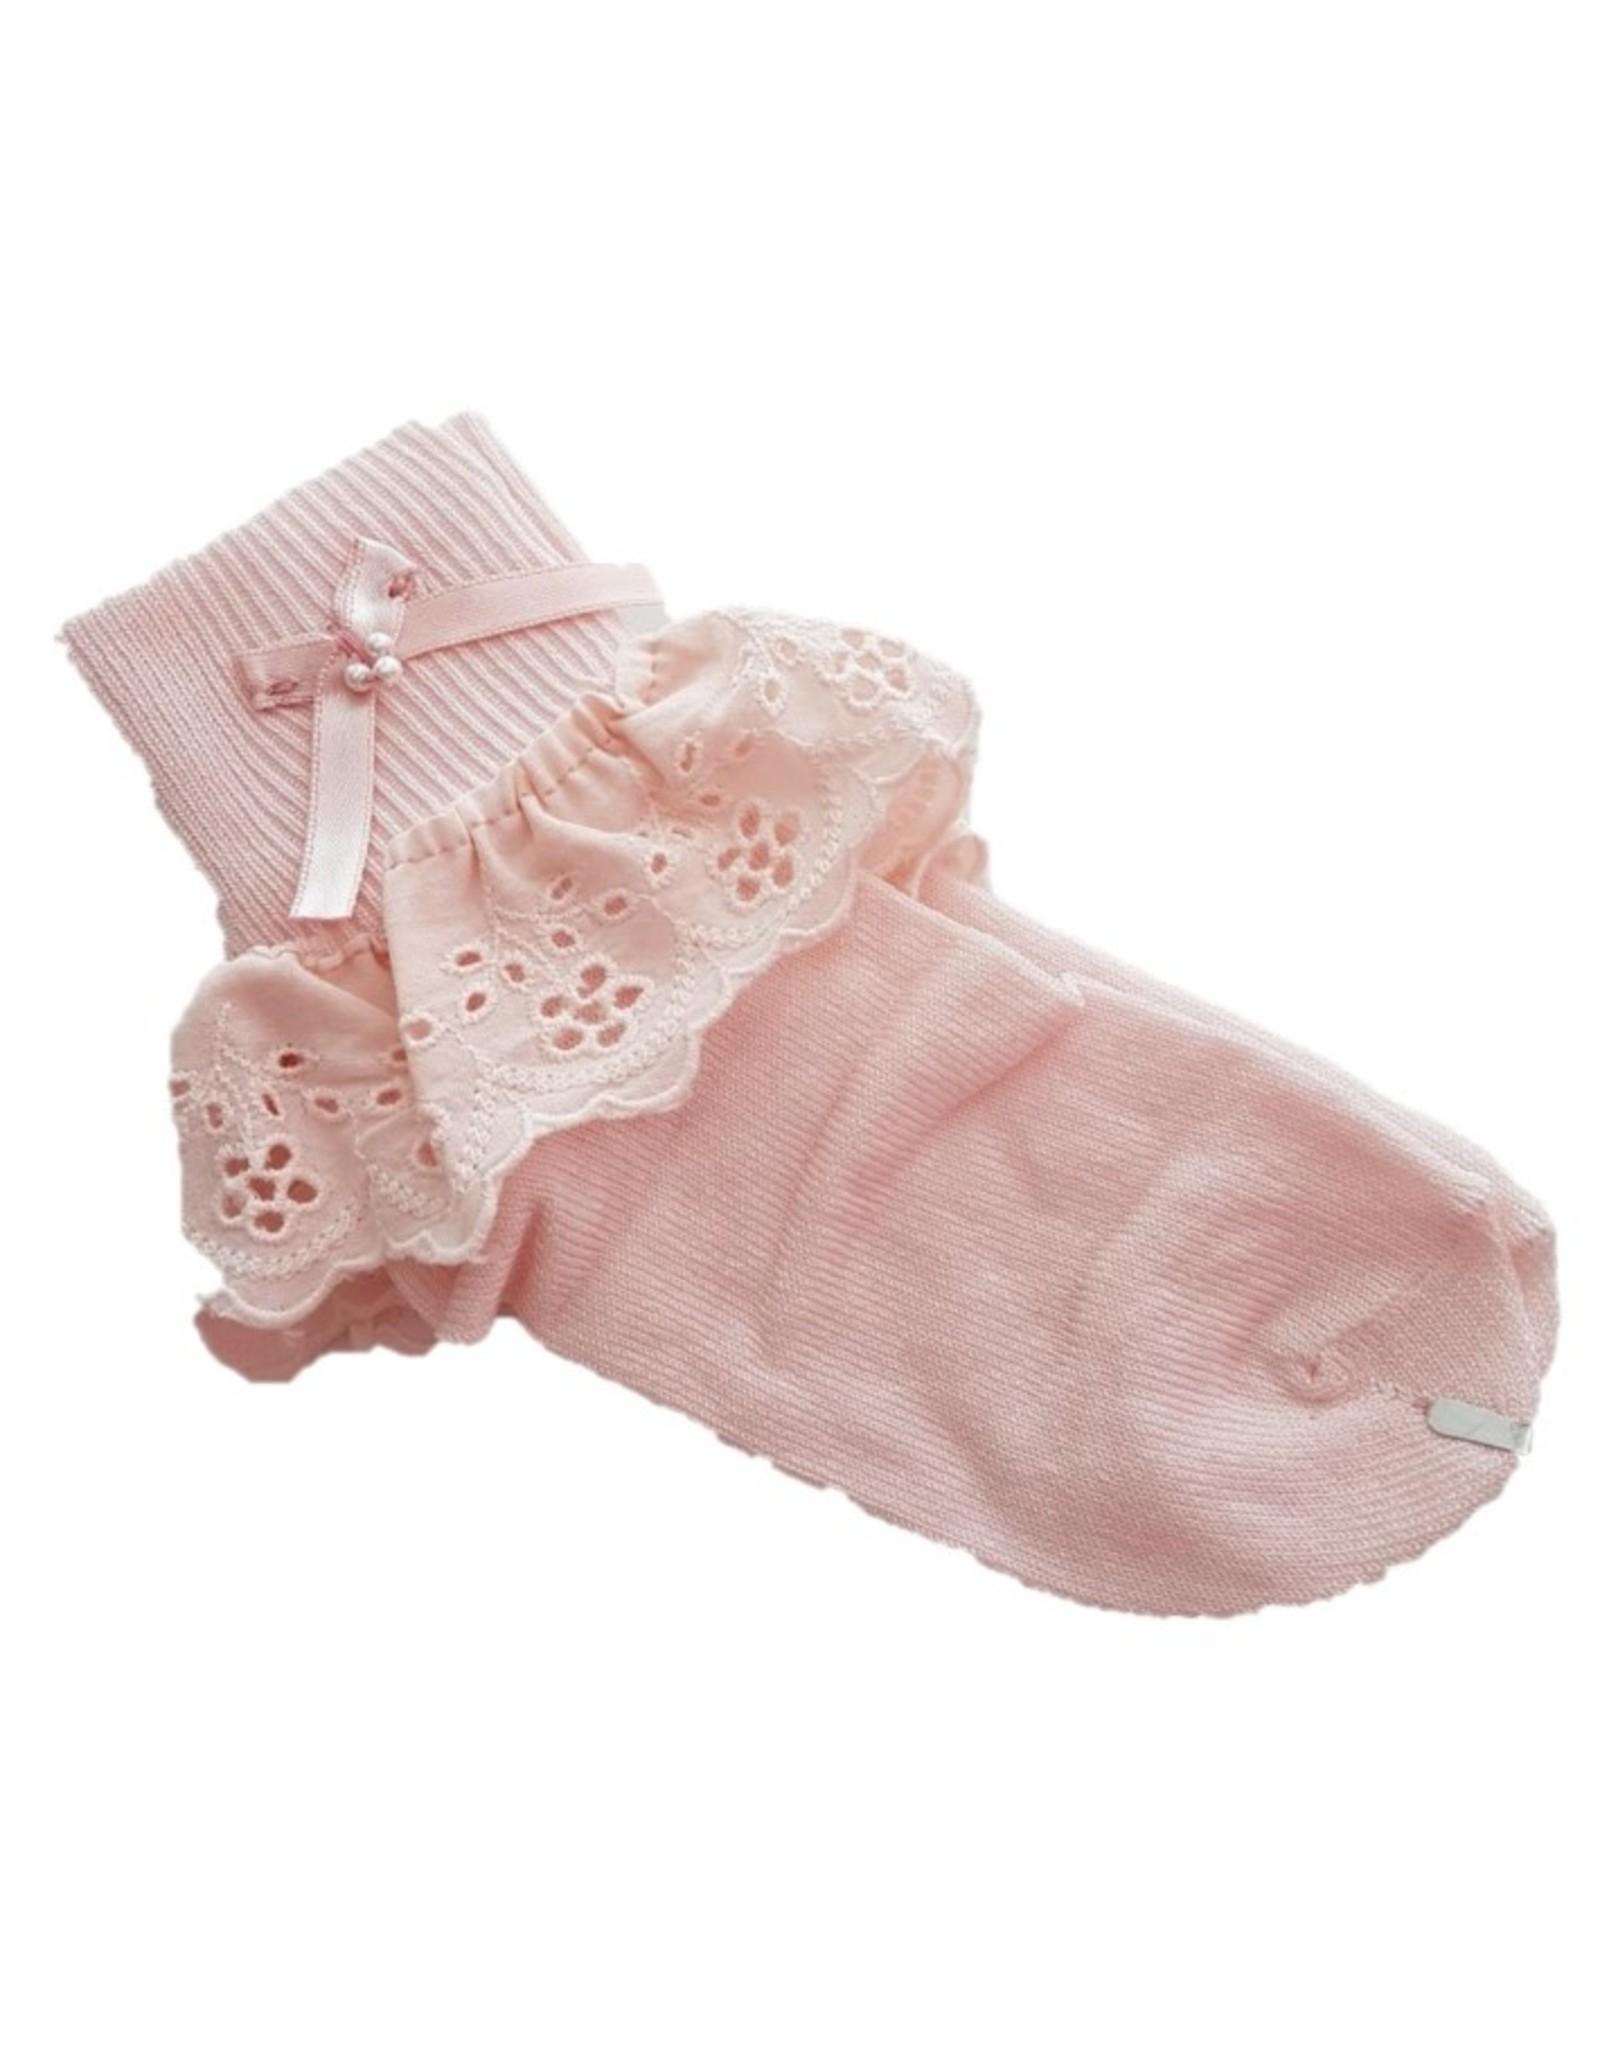 Meisjes sokken roze broderie